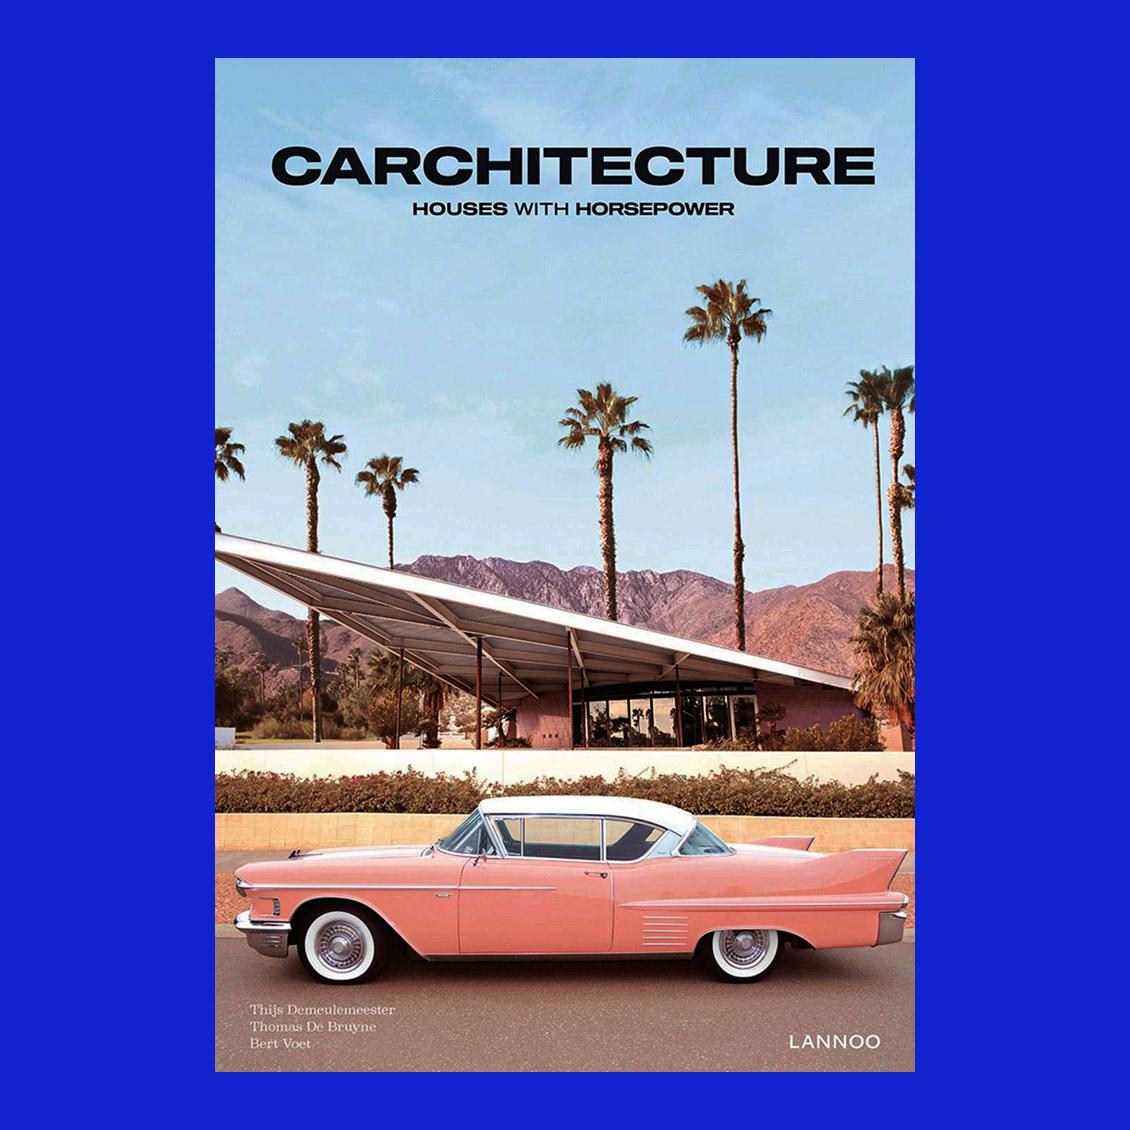 La portada del libro Carchitecture./Foto: Copyrightbookshop.be